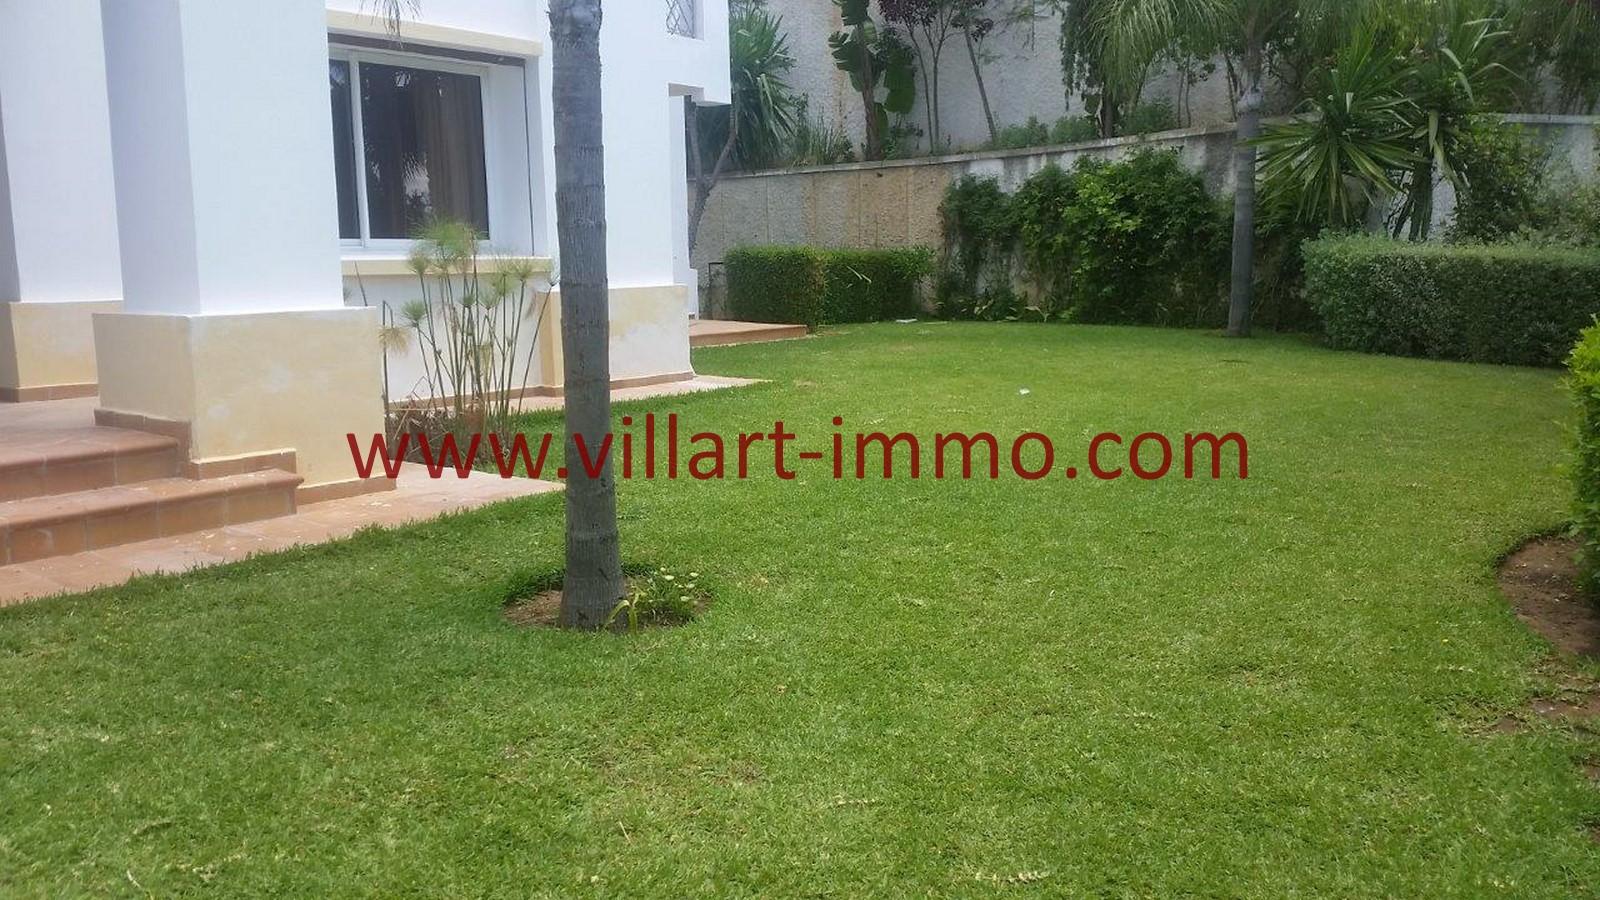 2-a-louer-appartement-jbel-kebir-jardin-tanger-l974-villart-immo